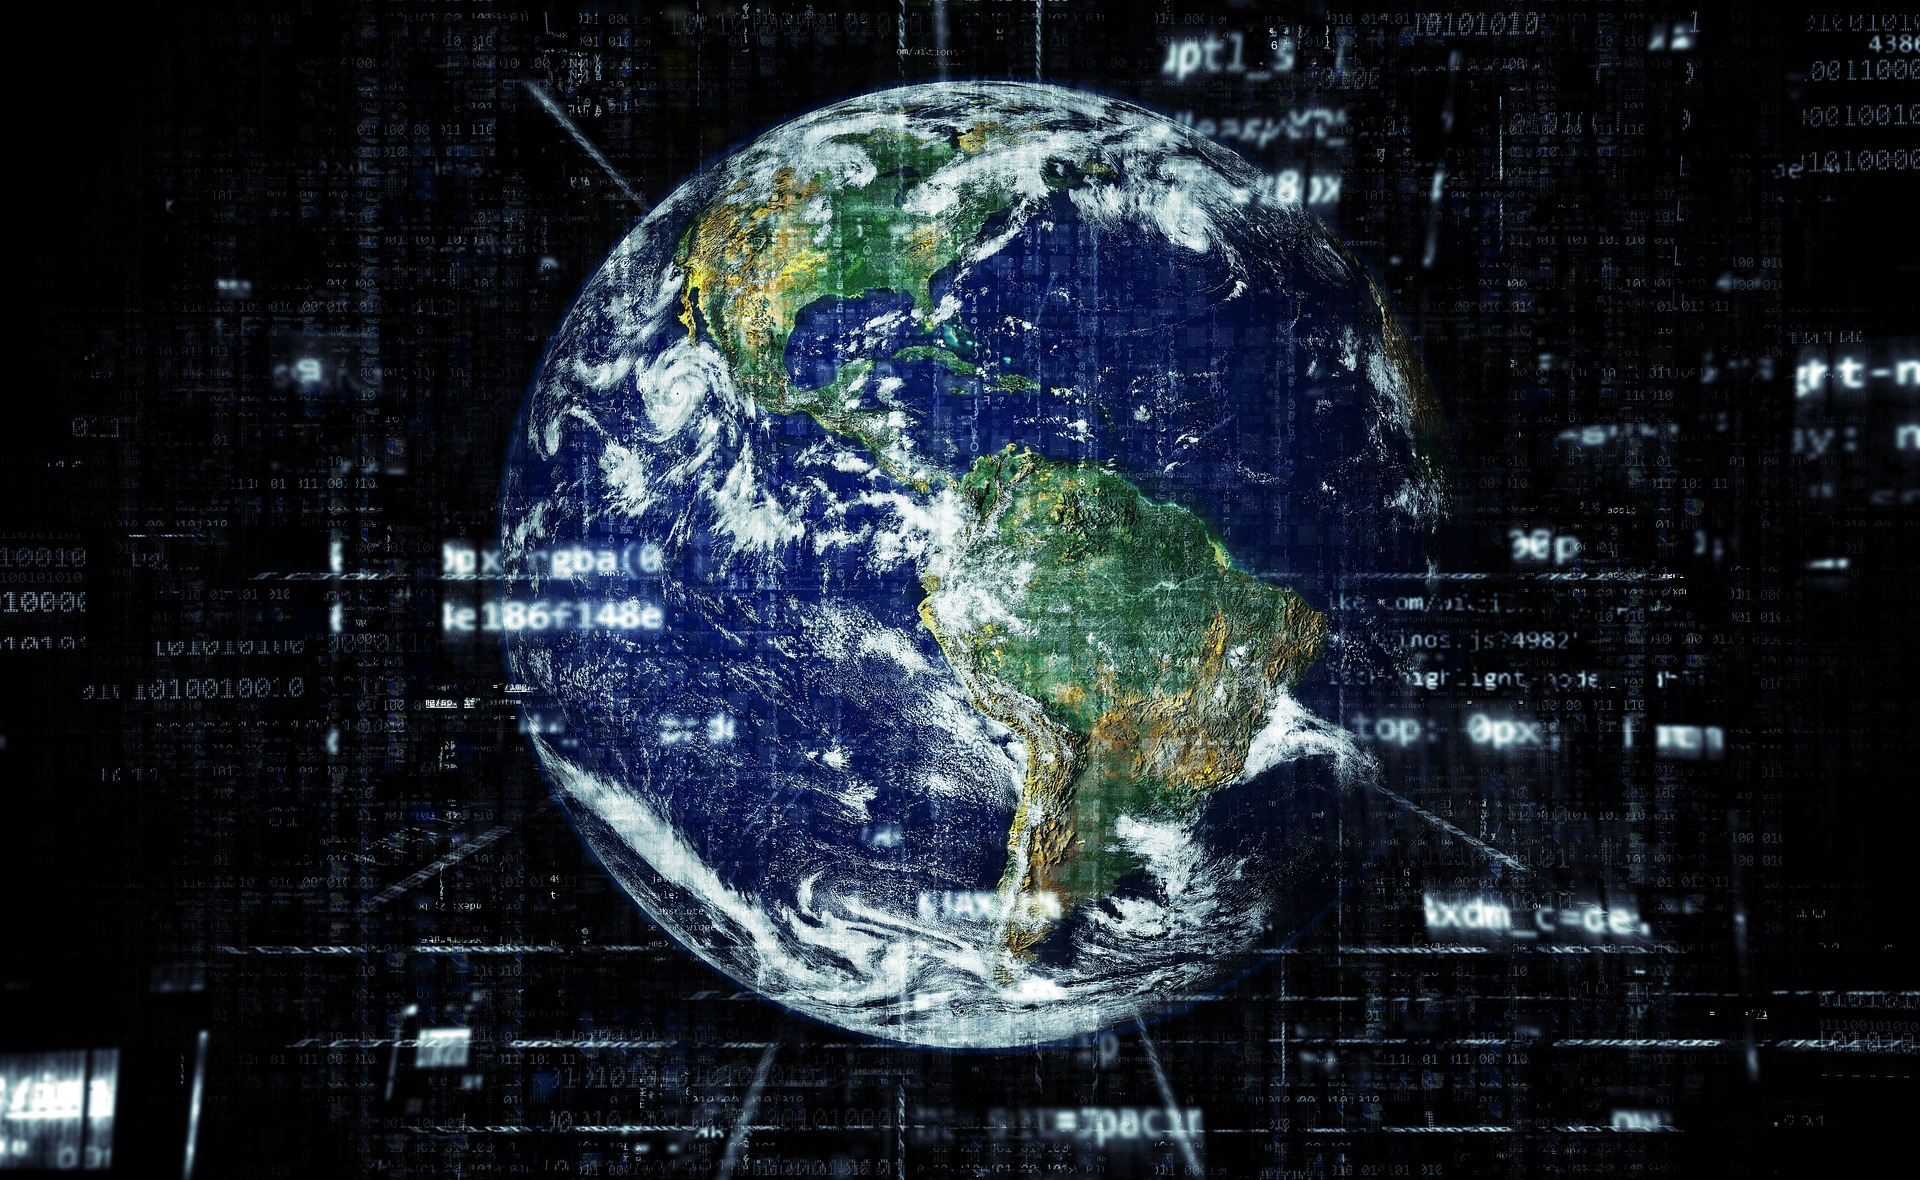 WhiteBearSolutions expone en 13ENISE sus novedades en materia de Ciberseguridad